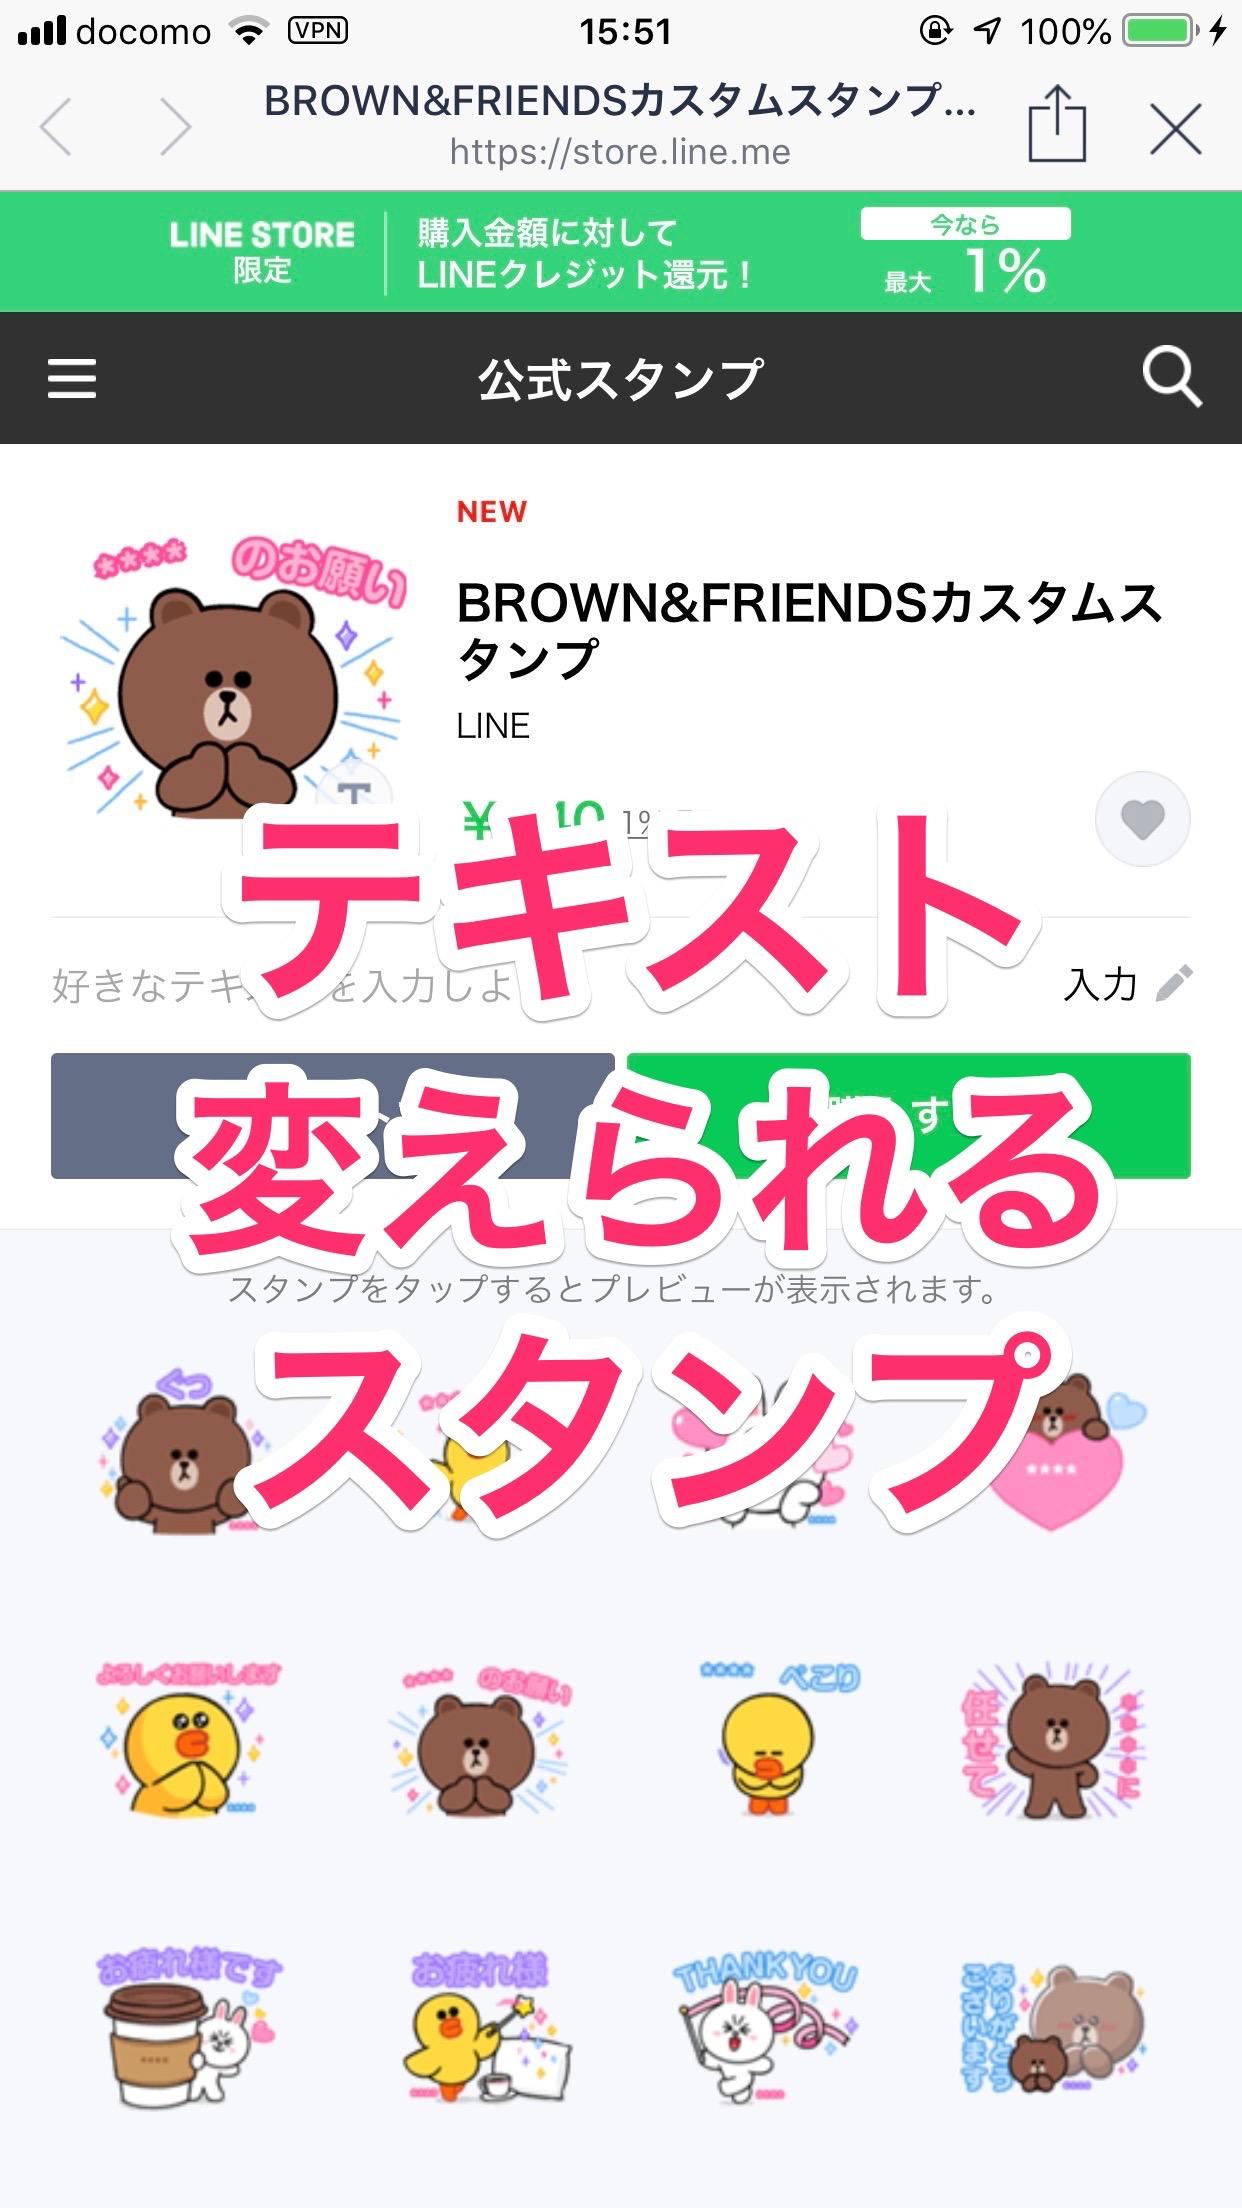 【何度でも】テキスト変更ができるLINEスタンプ「BROWN&FRIENDSカスタムスタンプ」【変更方法】